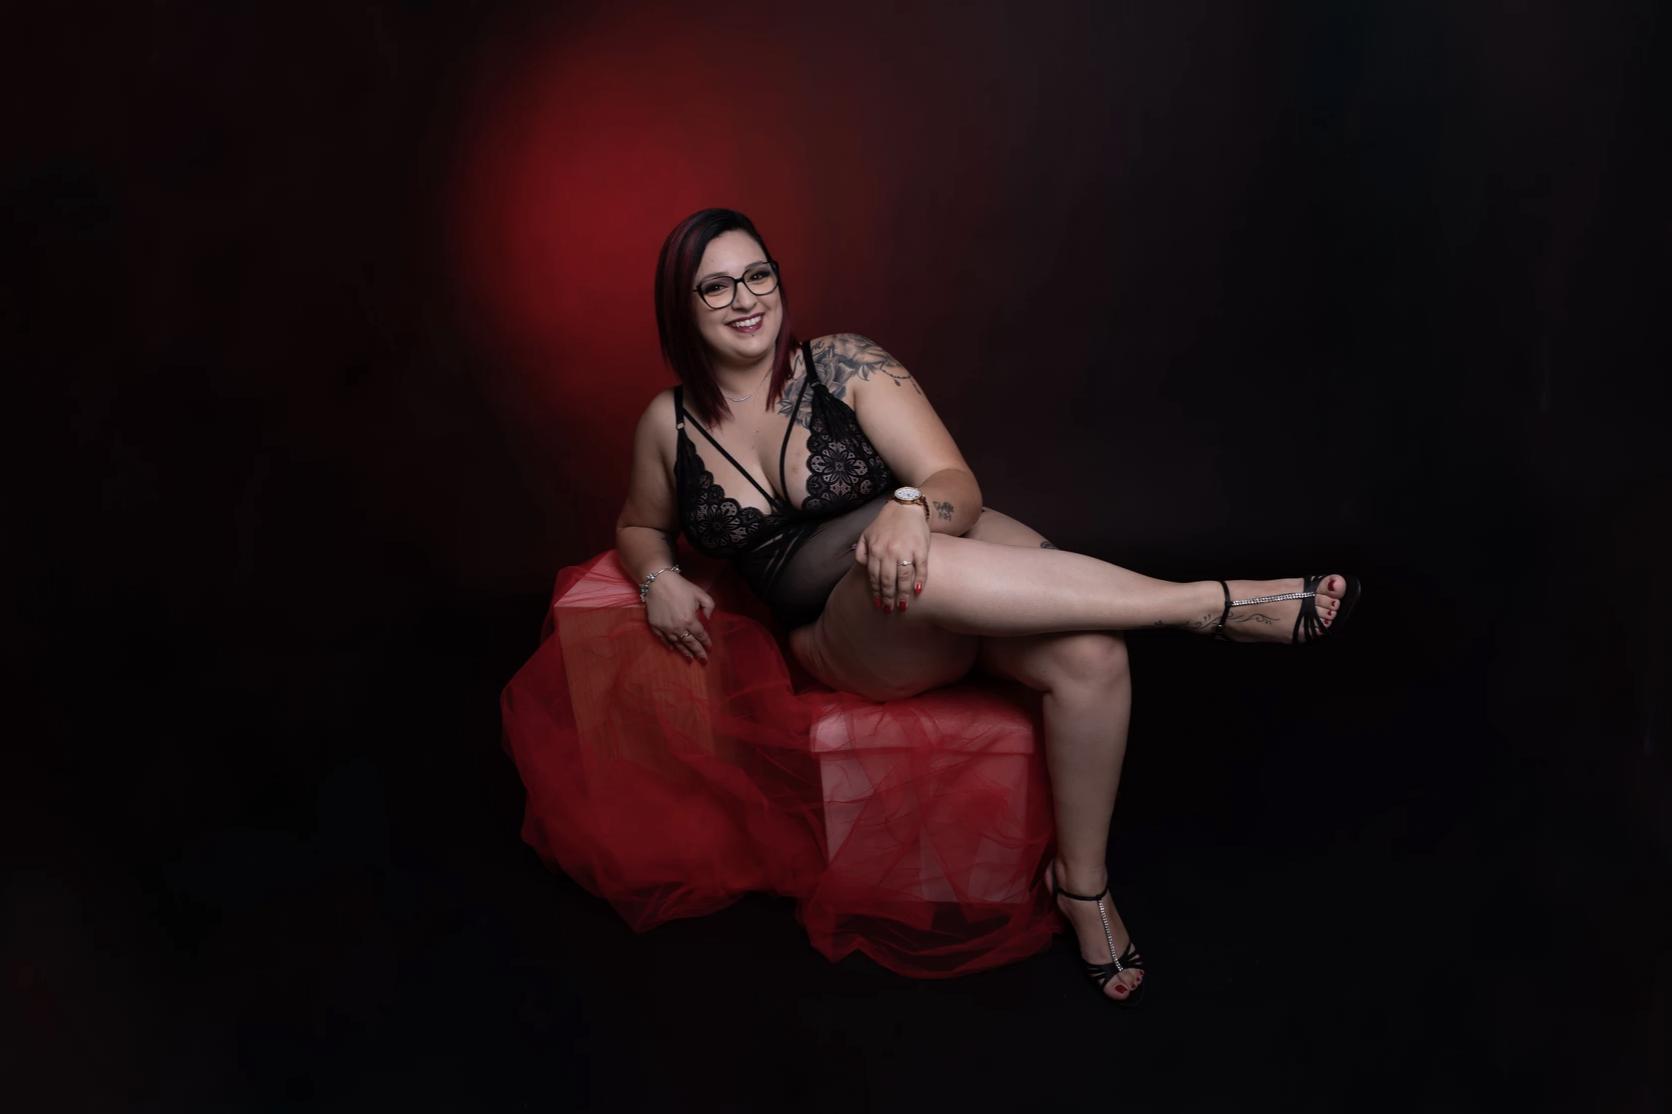 Photo-thérapie séance Estime de soi boudoir confiance féminité